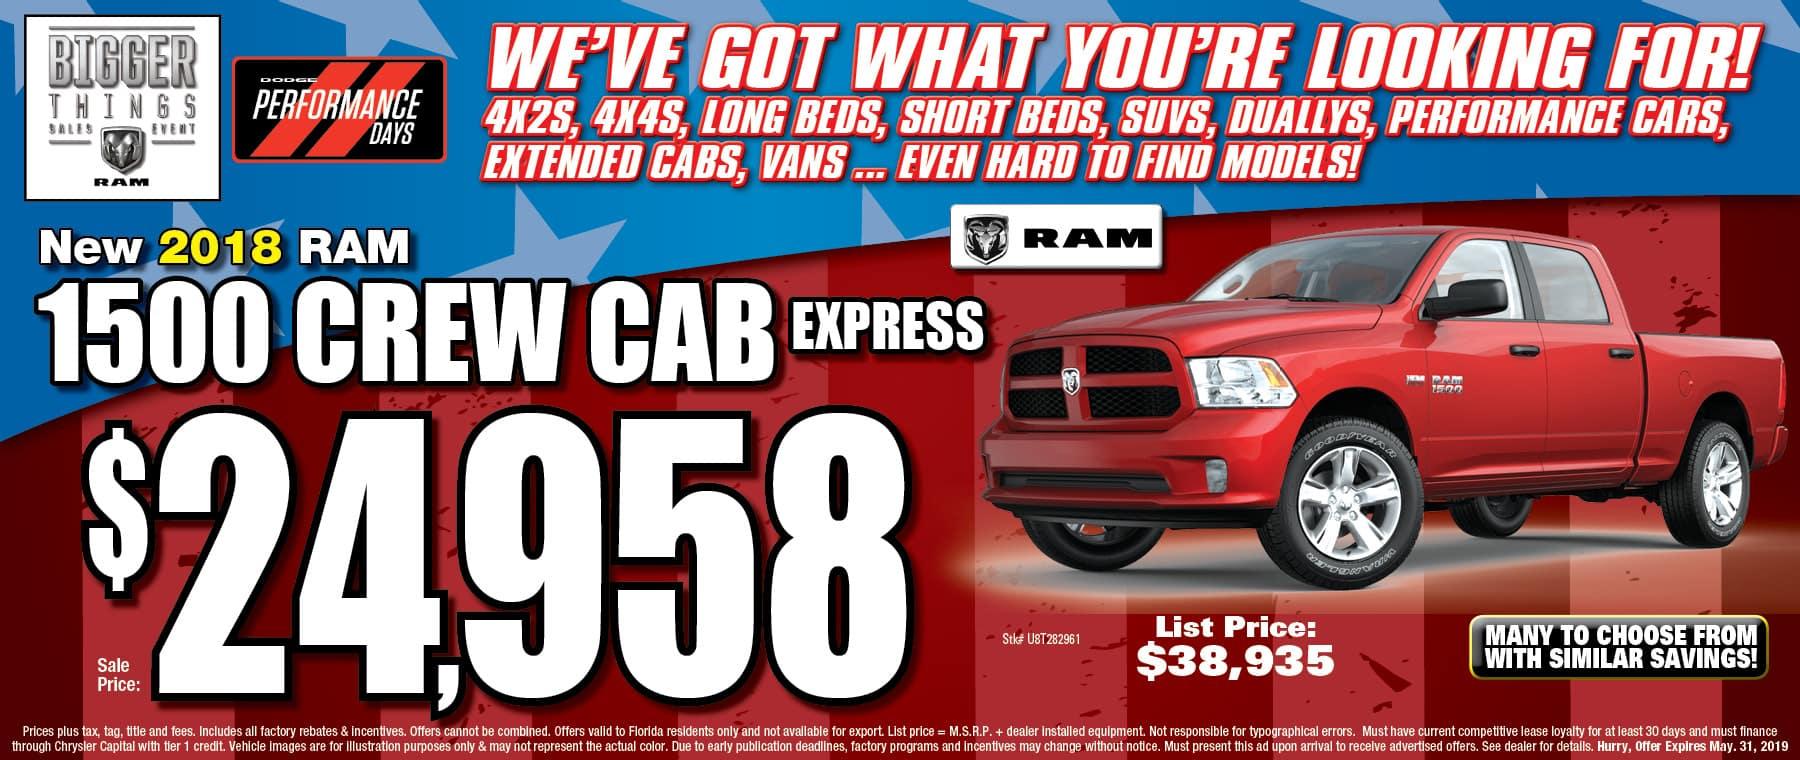 New Ram Crew Cab Express!